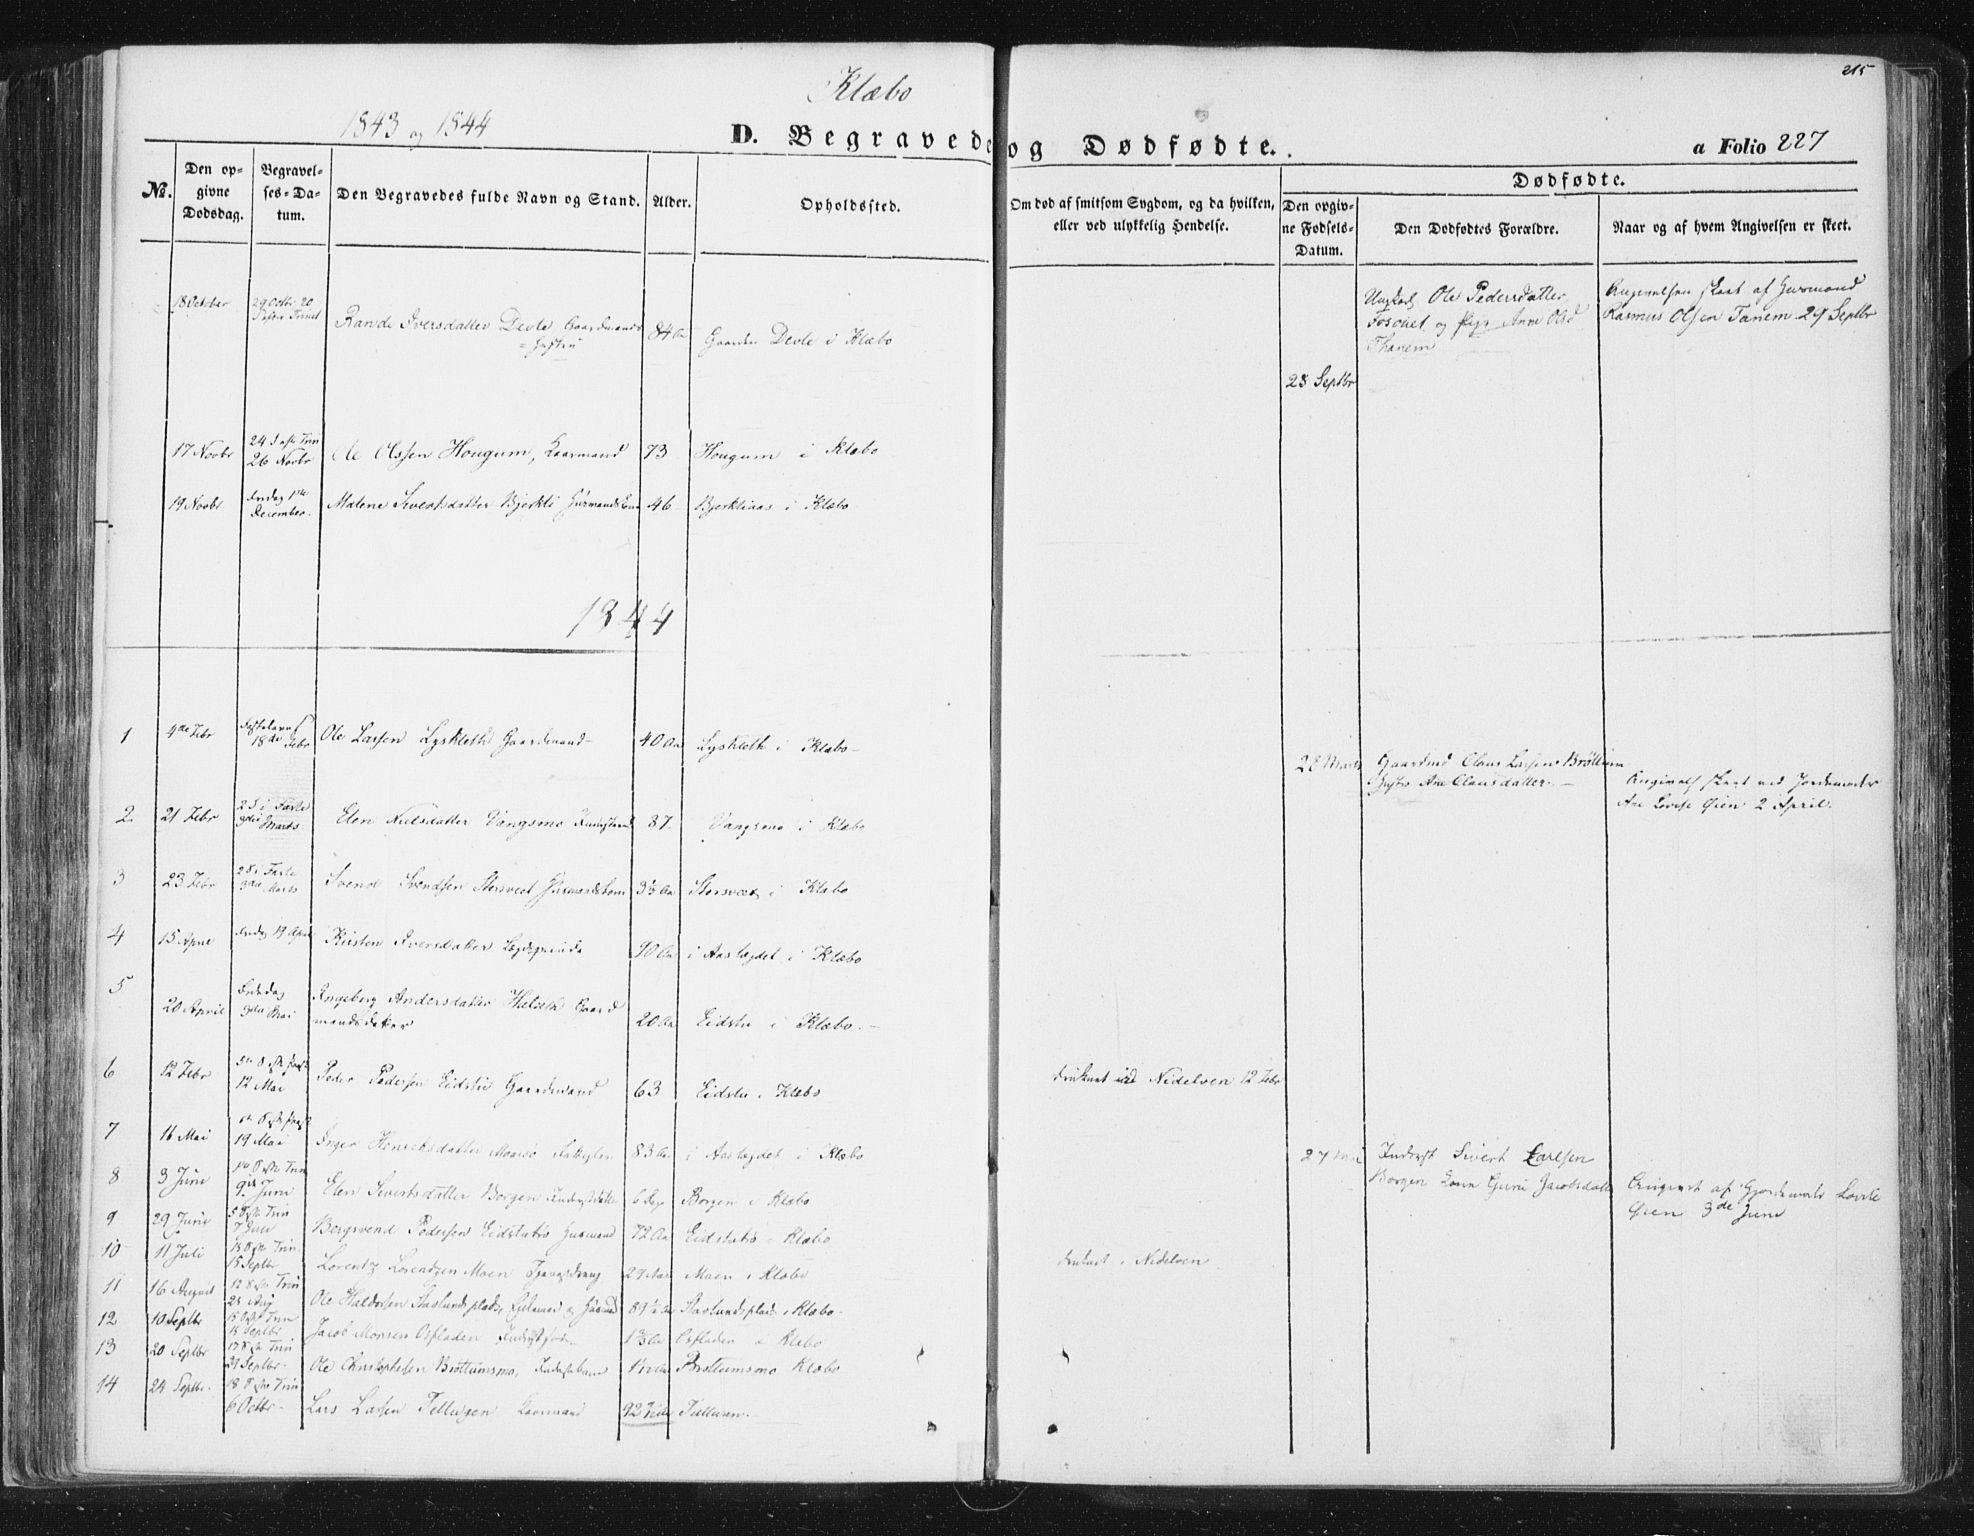 SAT, Ministerialprotokoller, klokkerbøker og fødselsregistre - Sør-Trøndelag, 618/L0441: Ministerialbok nr. 618A05, 1843-1862, s. 227